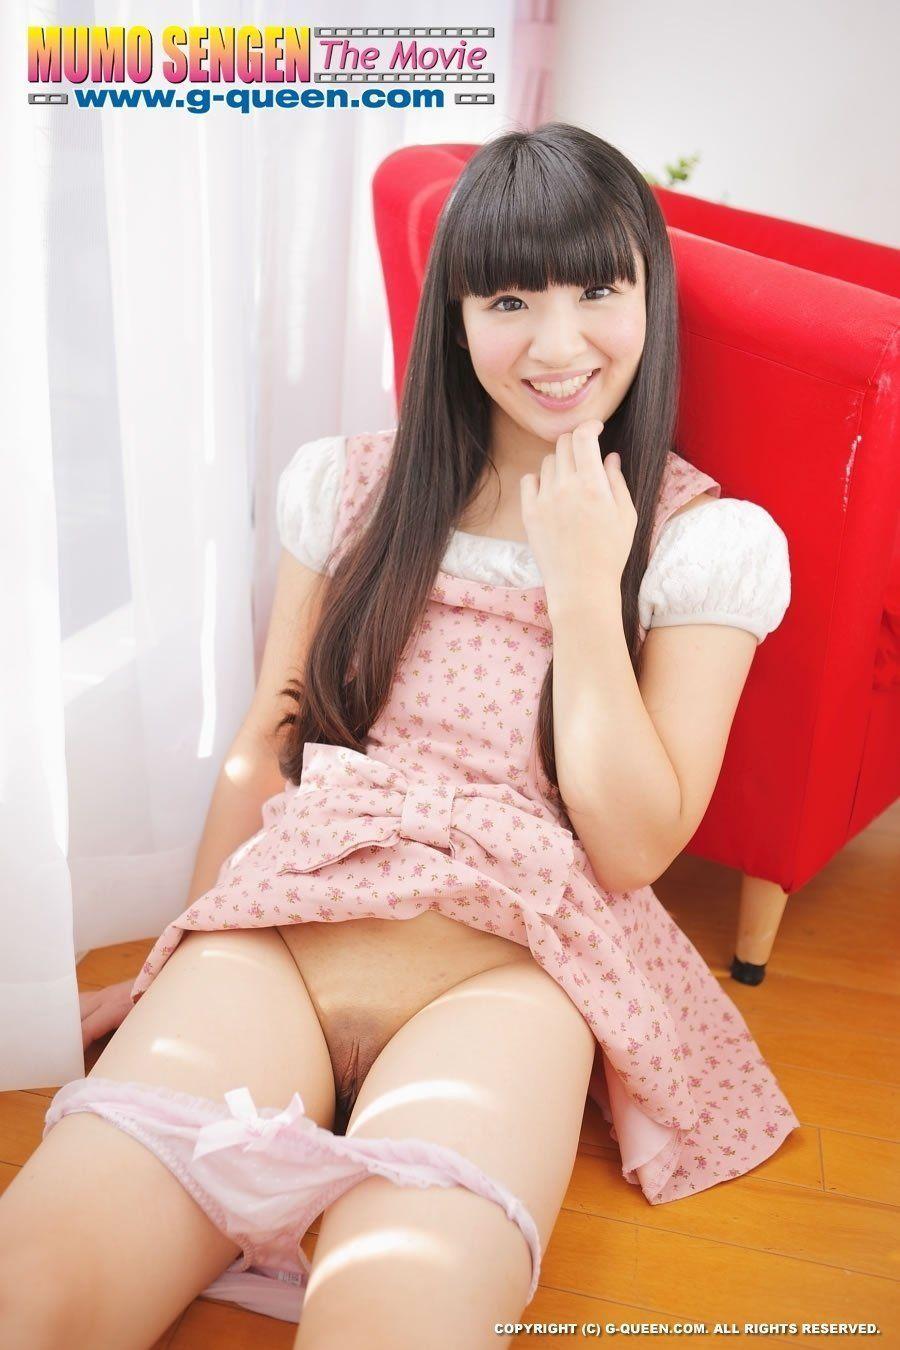 Xxx school jp girls naked pcs